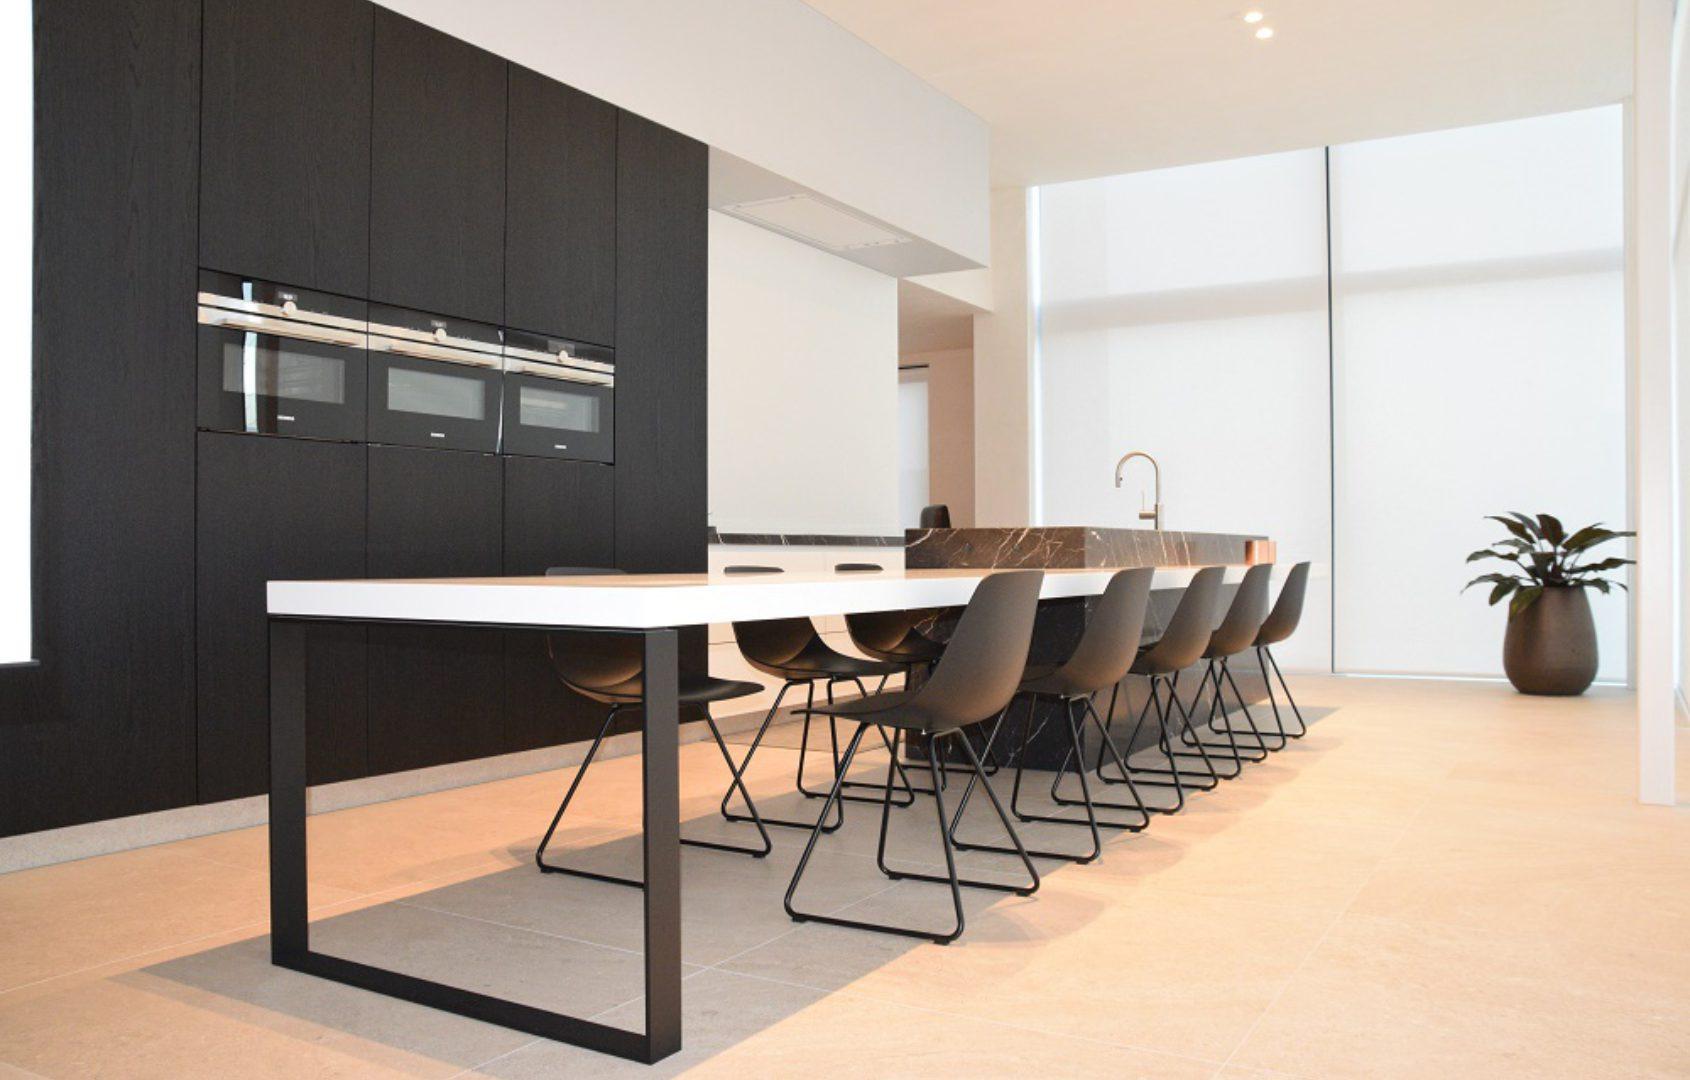 Stalen tafelonderstel met naadloze overgang corian CV Tielt